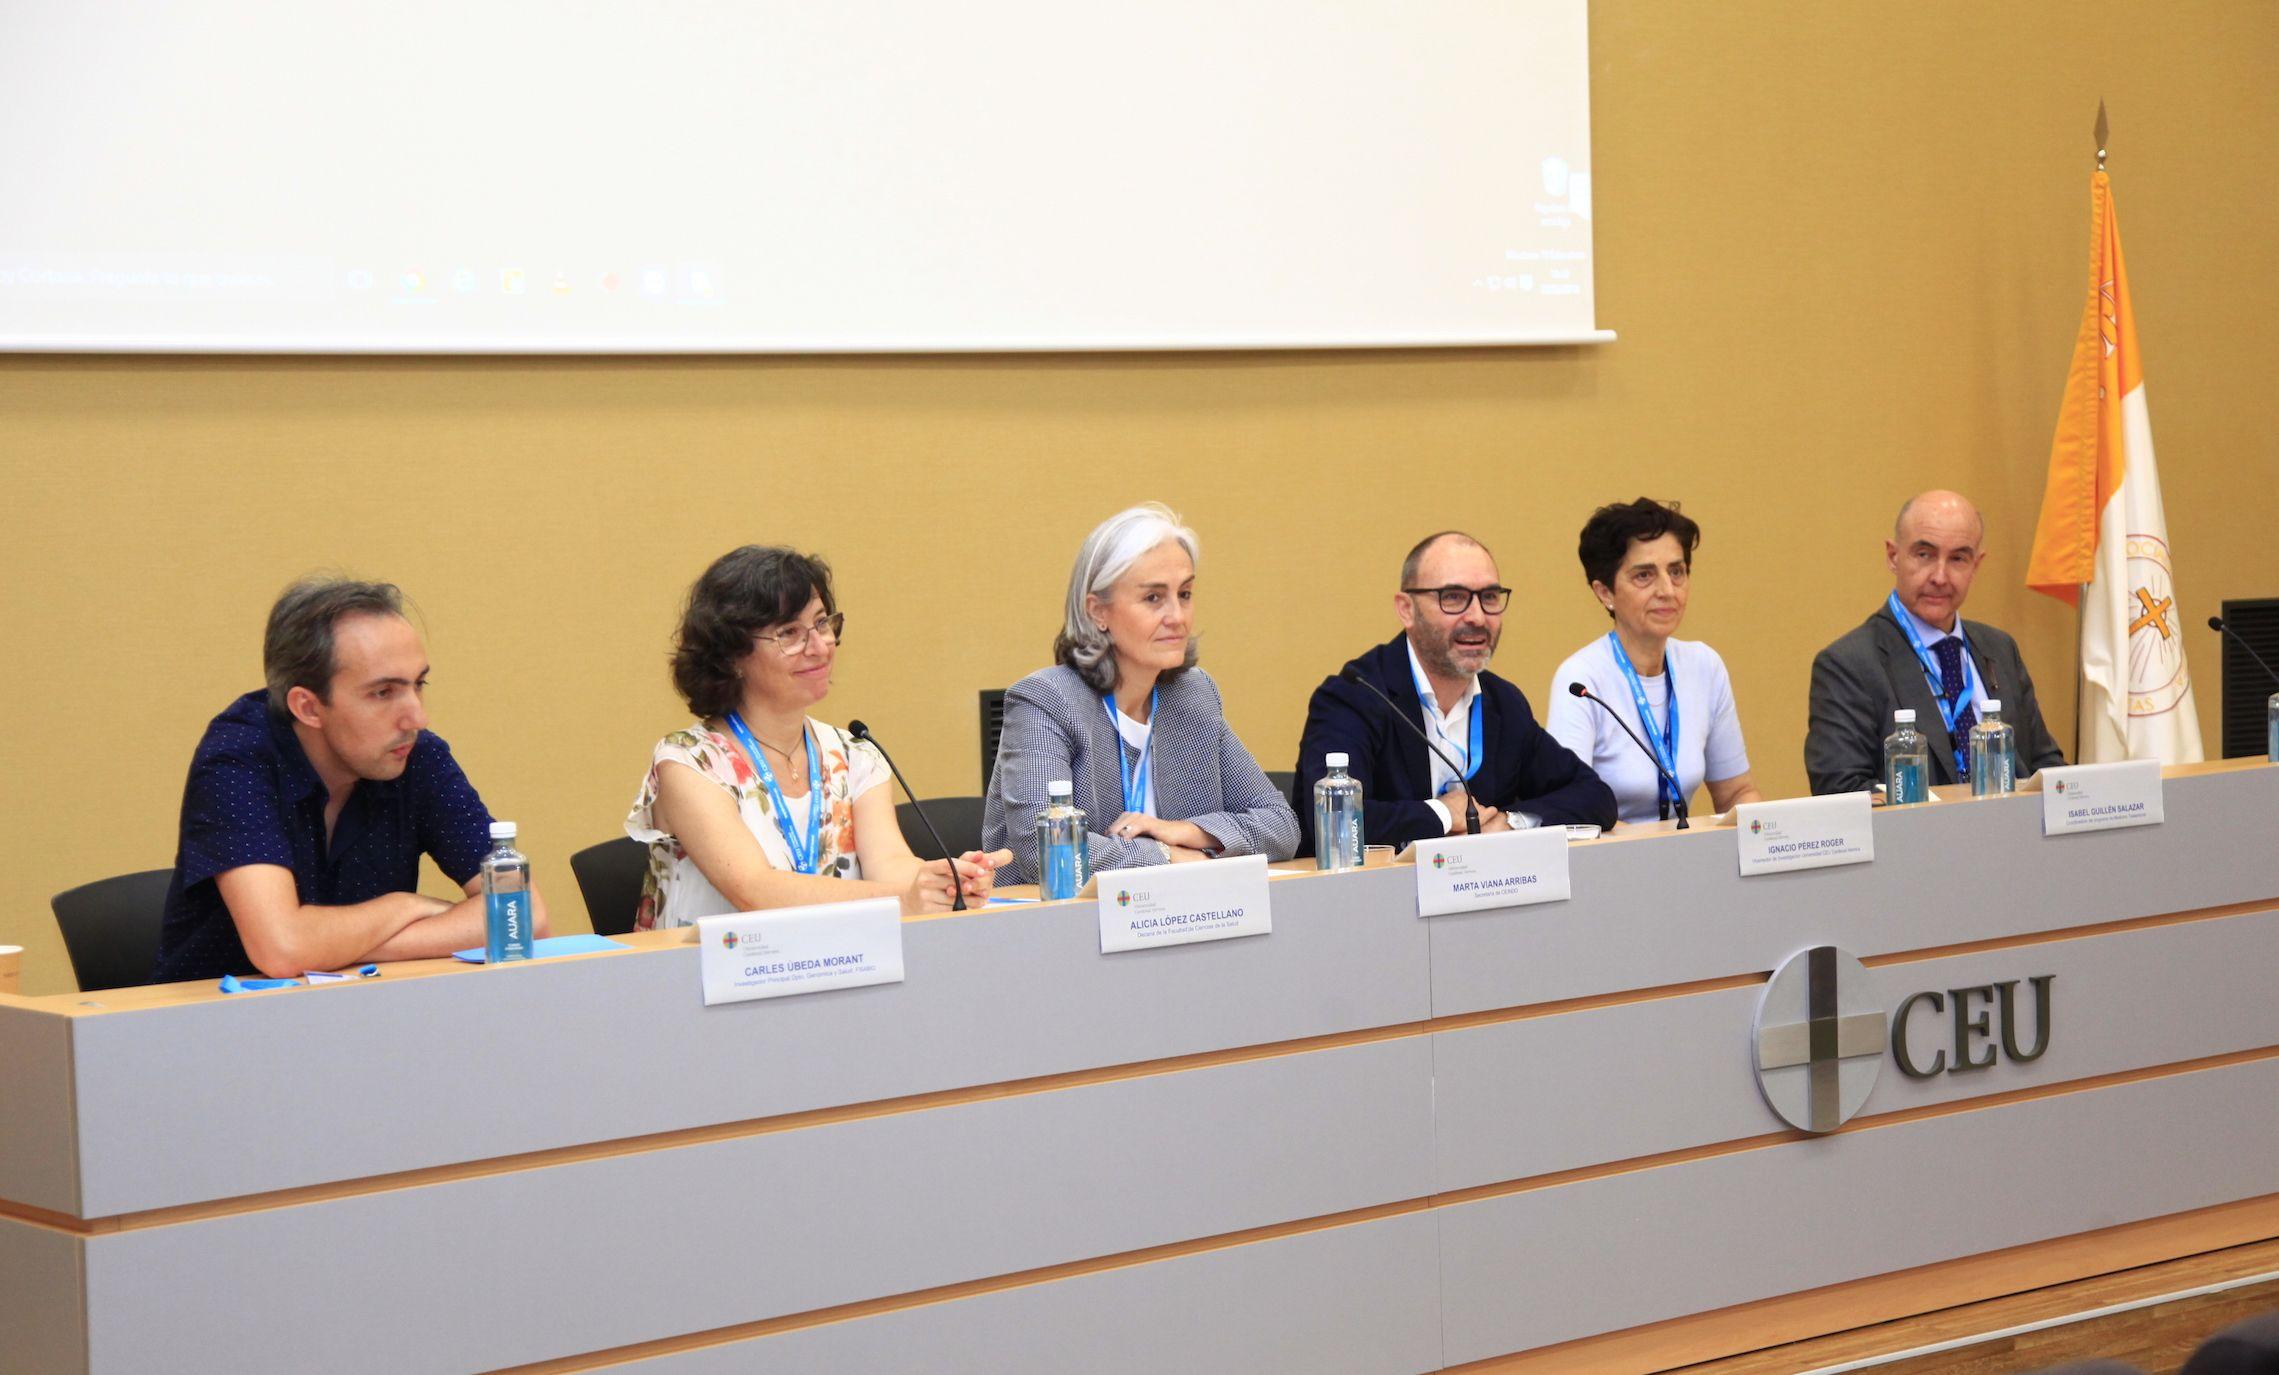 Inauguración de la Jornada Predoctoral, con Carles Úbeda, Alicia López, Marta Viana, Ignacio Pérez, Isabel Guillén y José Luis Lavandera.